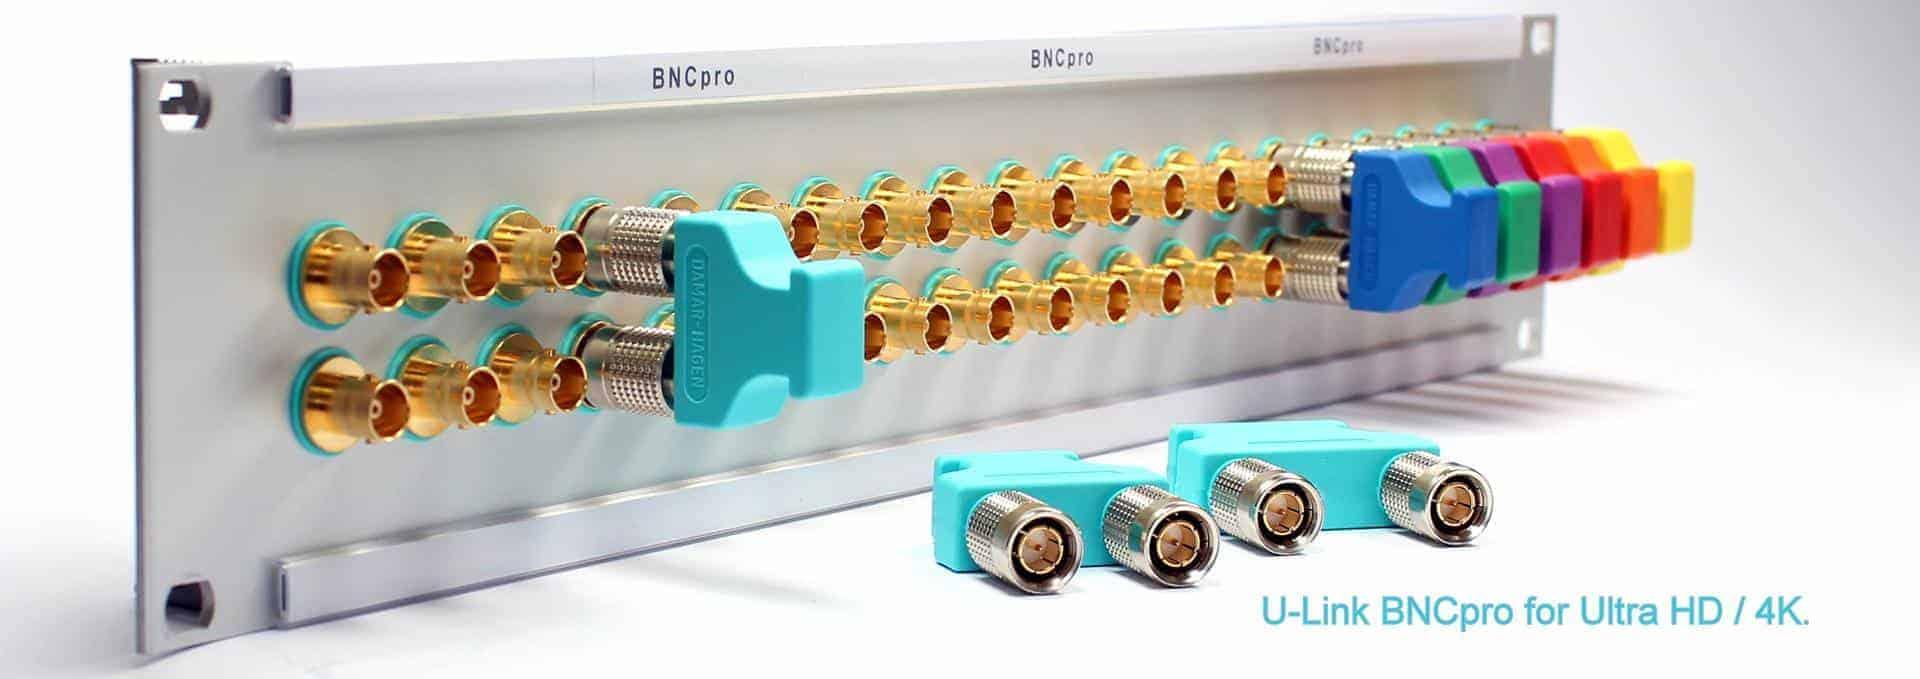 BNCpro-U-Link-for-4K